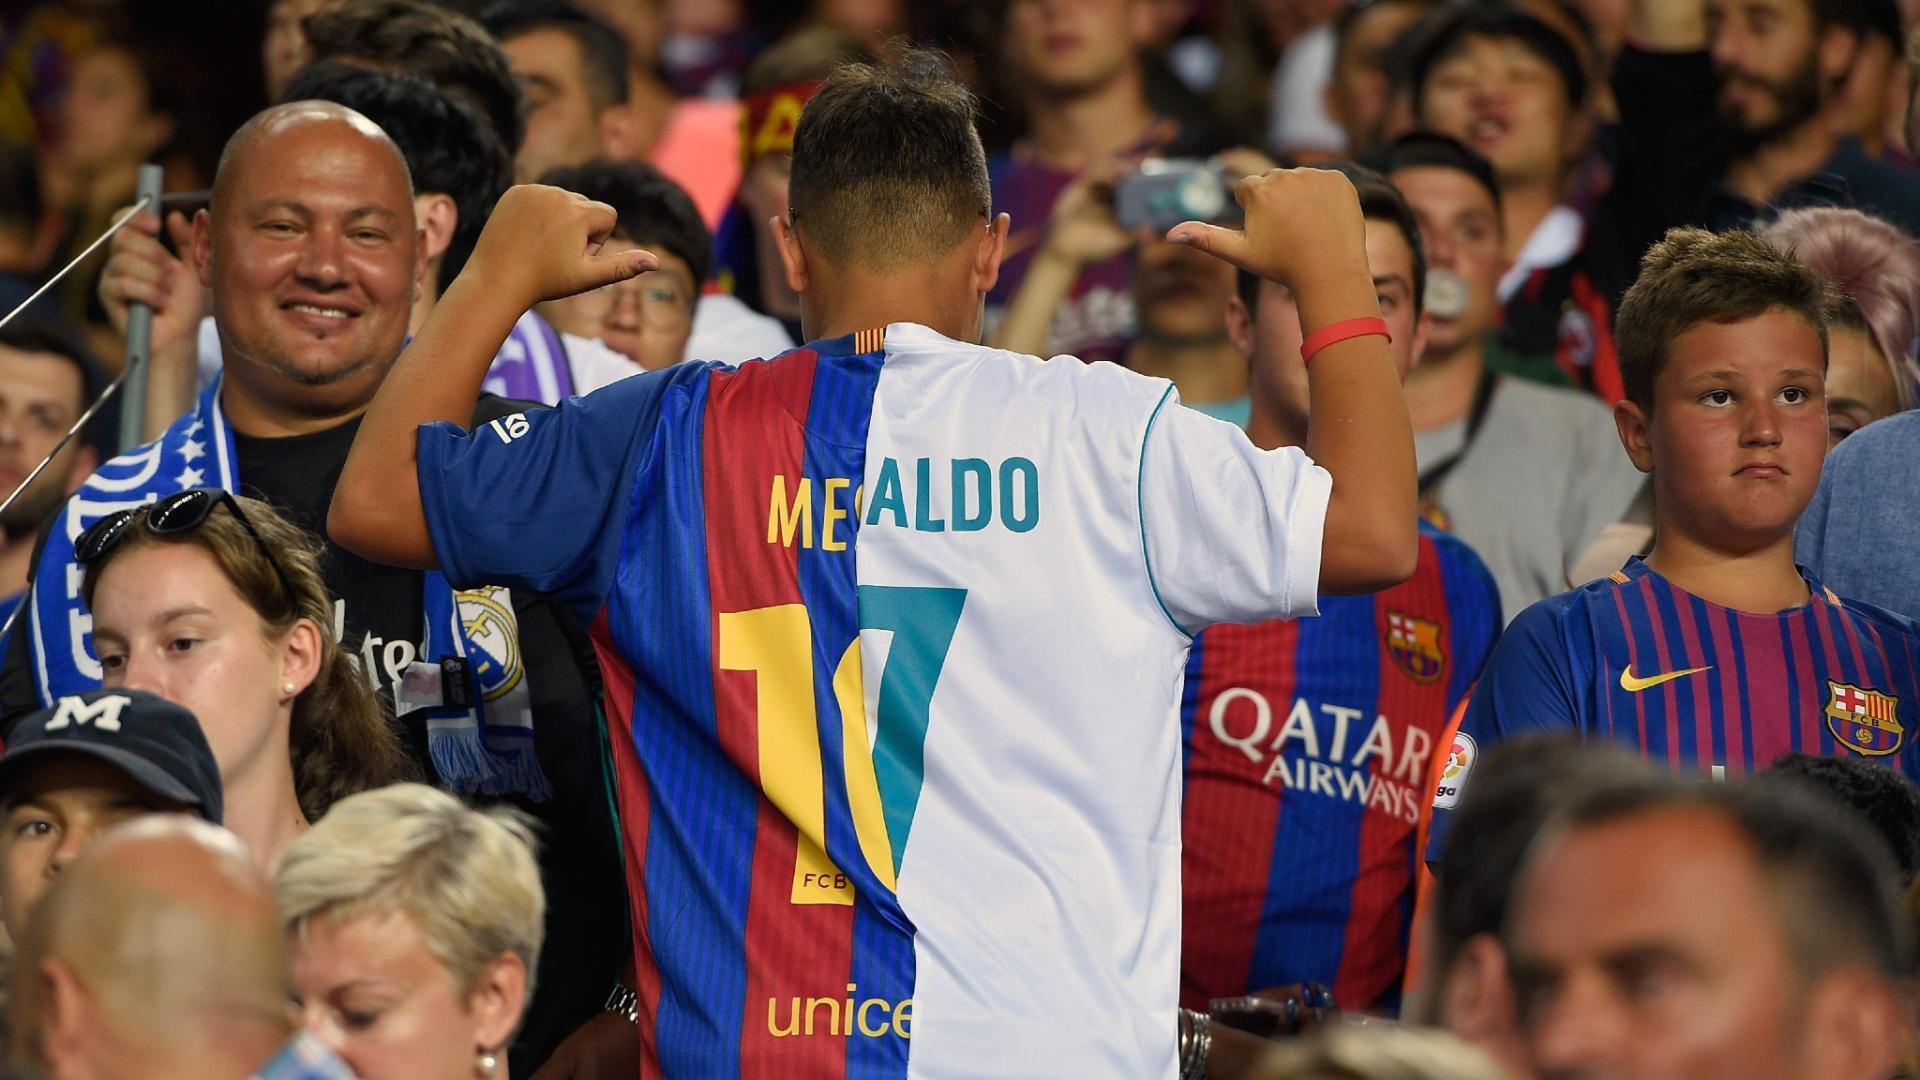 Jogo duplo: garoto foi ao Camp Nou com camisa que mistura Barça e Real